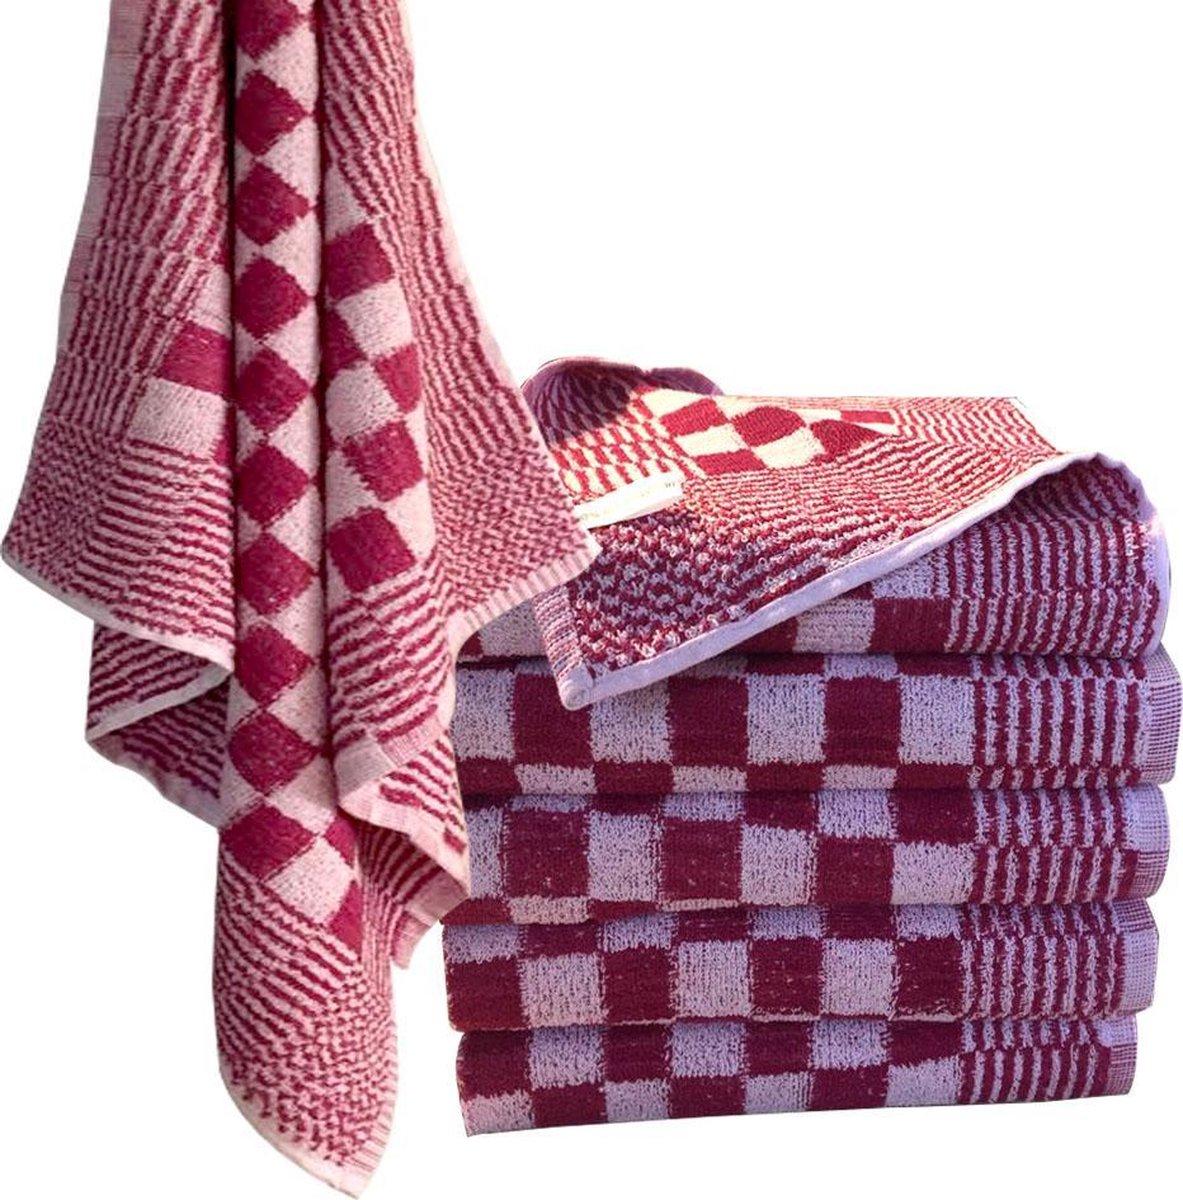 Homéé Keukendoek - scherp rood / wit - 100% katoenen badstof - set van 6 stuks - 60 x 60 cm - Homéé®